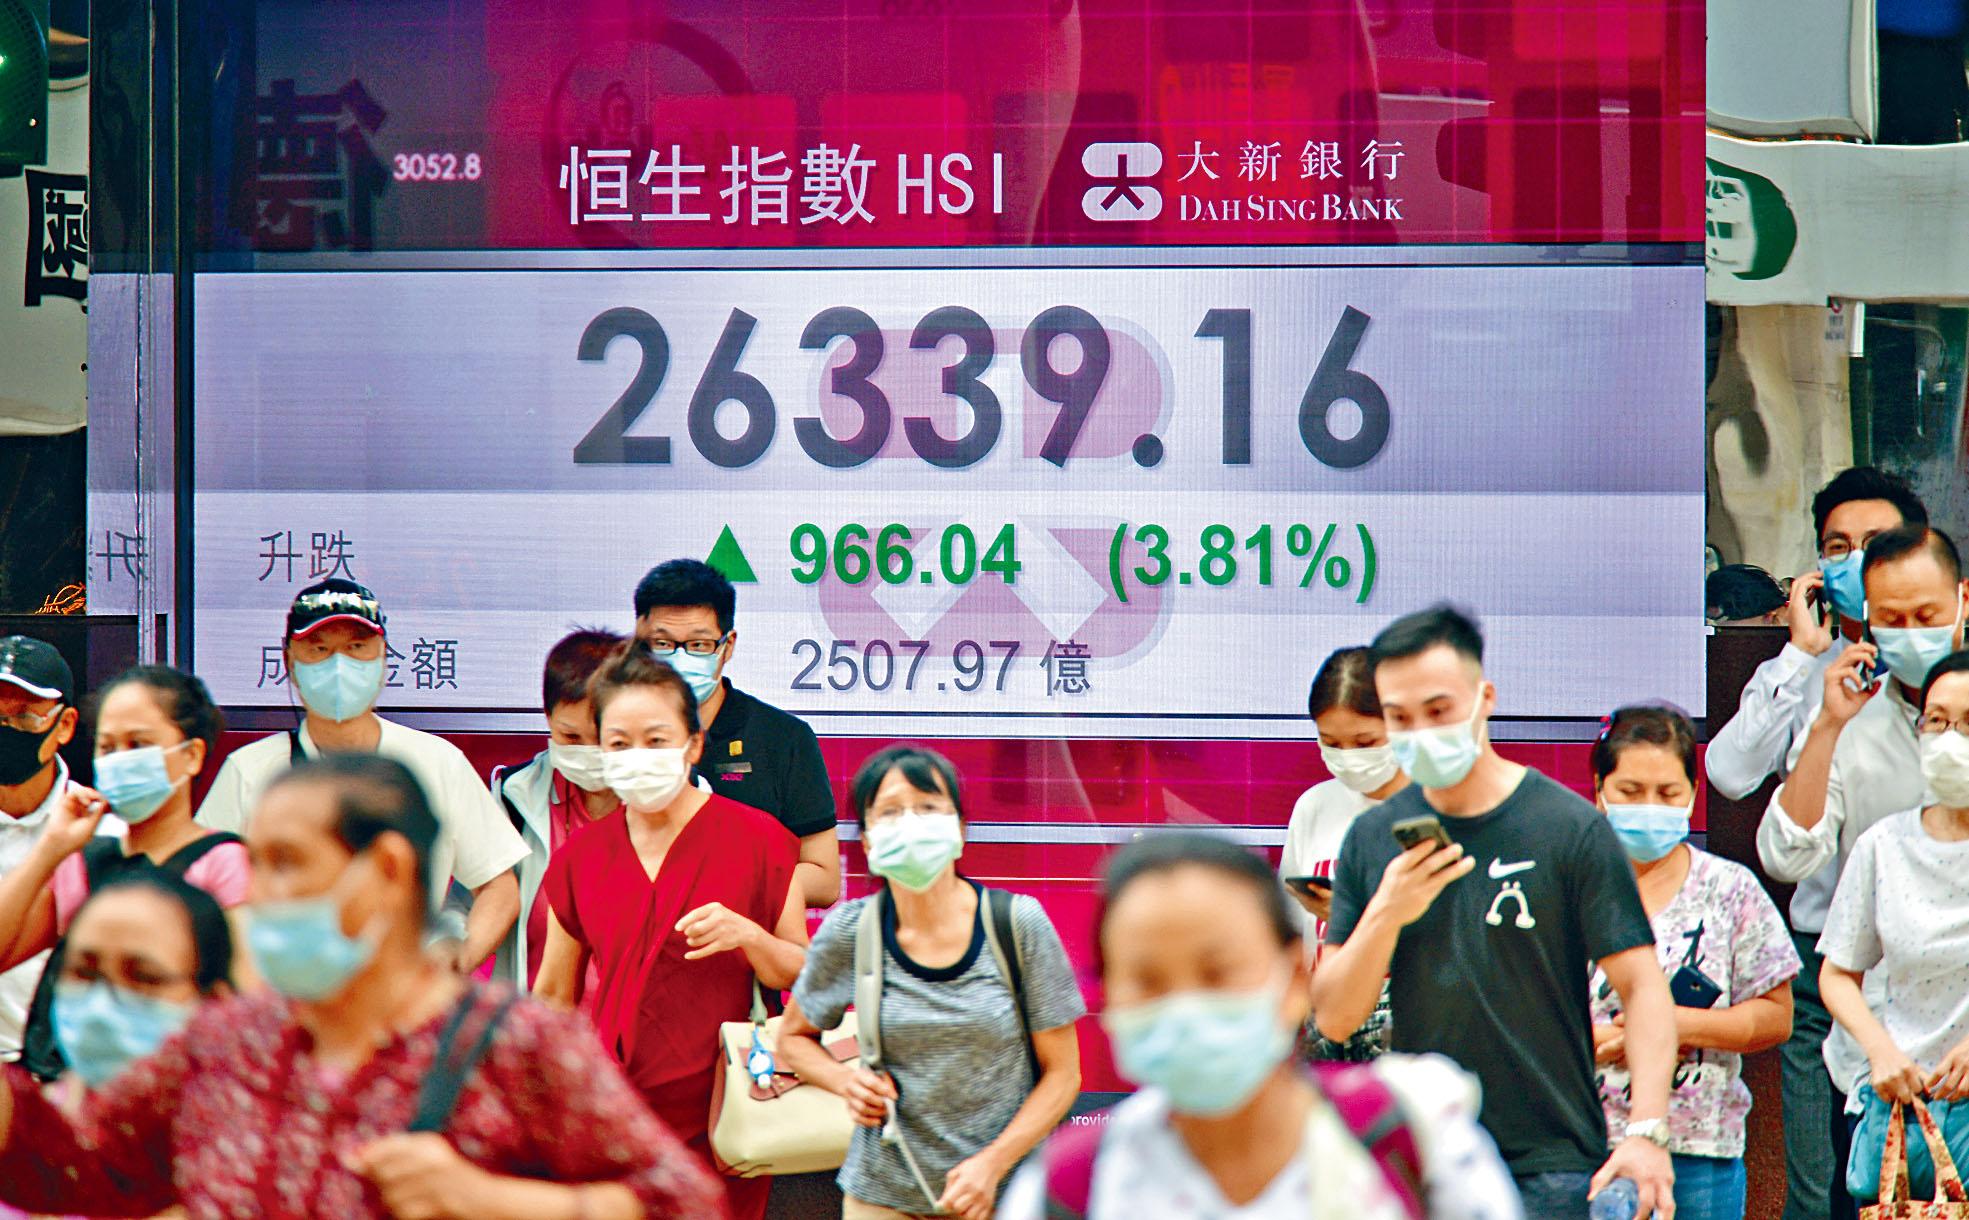 港股急漲近千點,成交超過2500億港元。蘇正謙攝